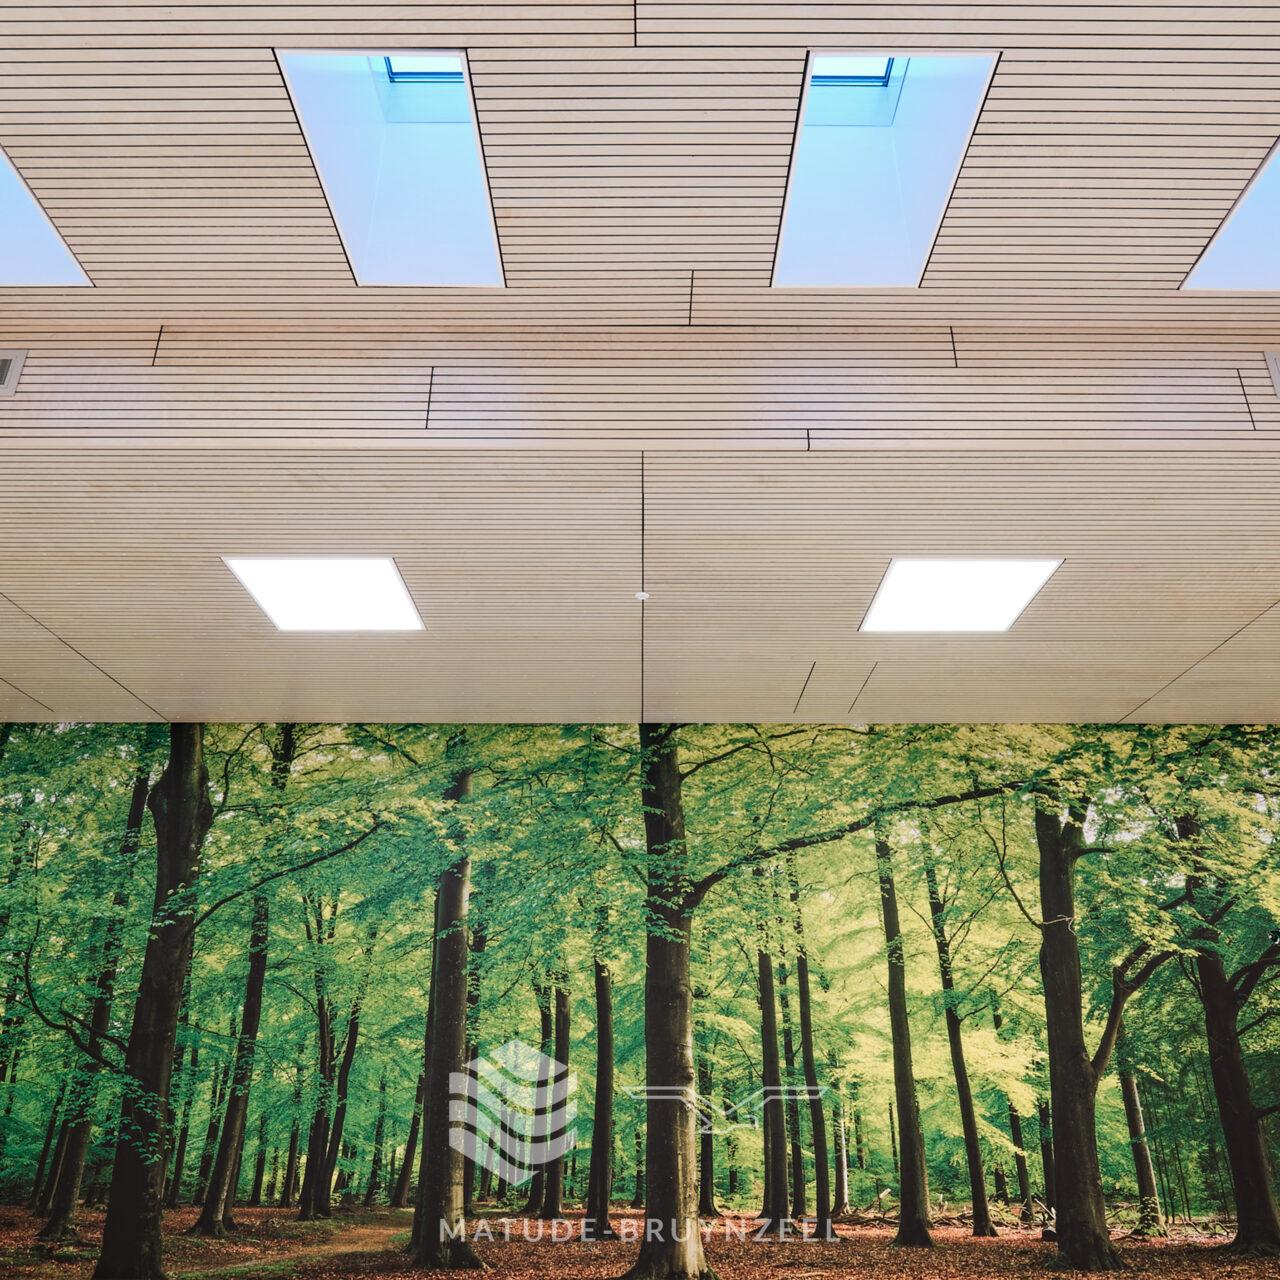 https://www.matude.nl/wp-content/uploads/2020/12/Matude_Bruynzeel_MFA_Voorn_Bruynzeel_Perfosound_Line_Akoestisch_Plafond_09-1280x1280.jpg